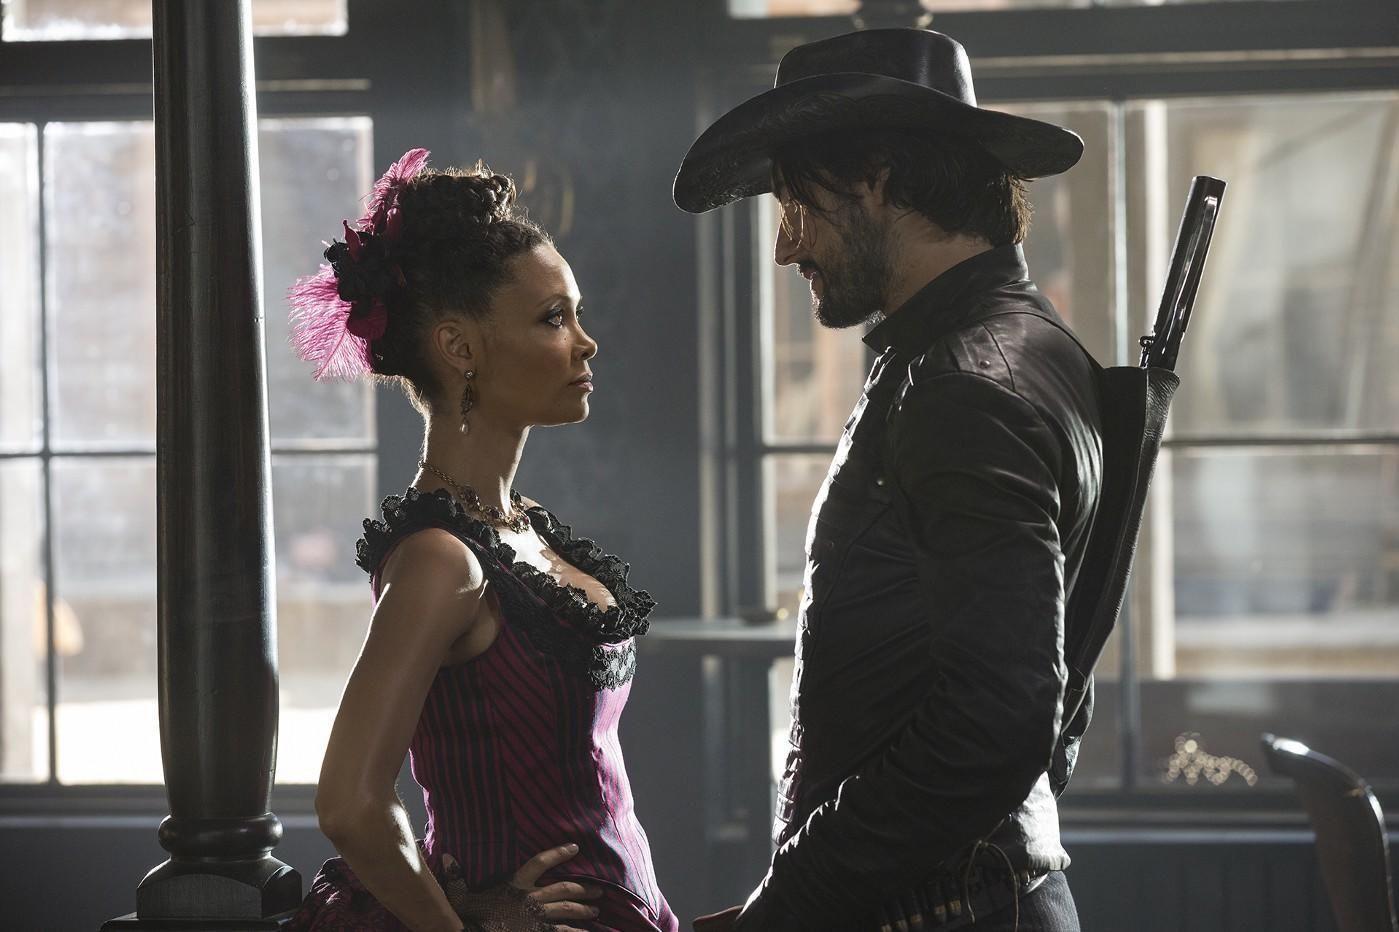 Thandie Newton som Maeve og Rodrigo Santoro som Hector Escaton i TV-serien Westworld, der vanlige mennesker får leke seg i en alternativ Wild West-verden med androider.